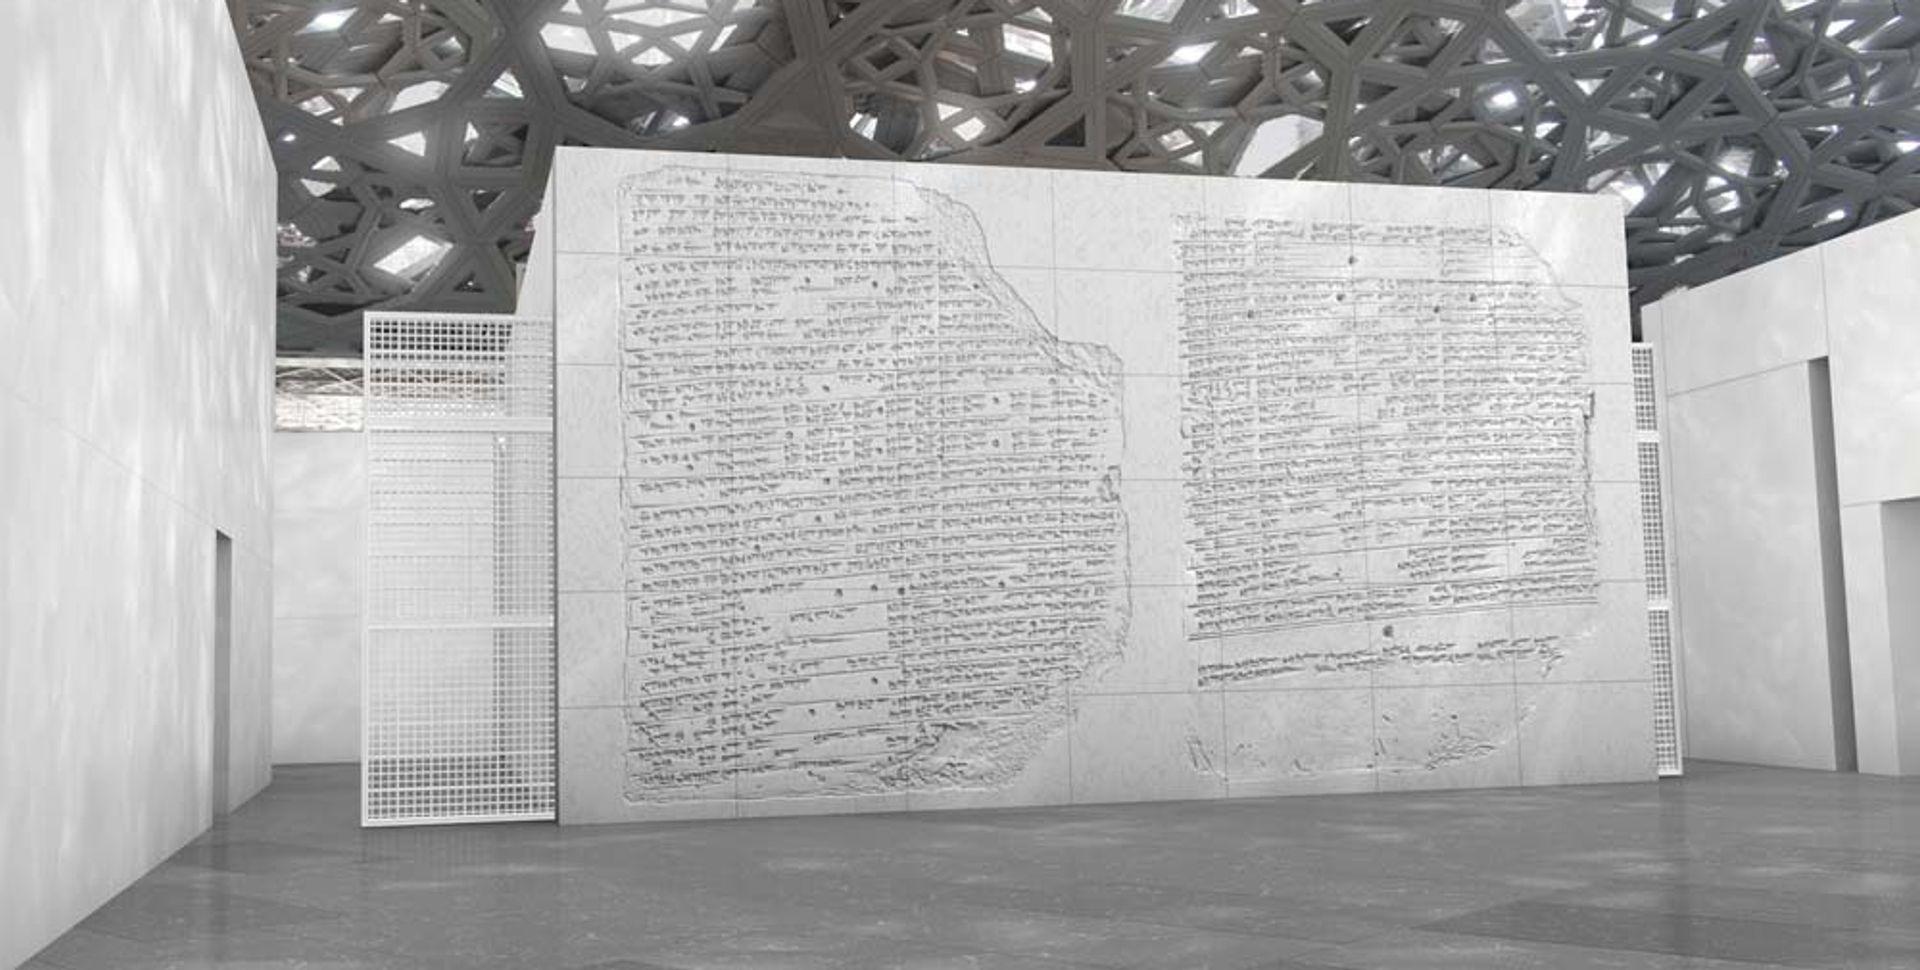 2015 Jenny Holzer, Member Artists Rights Society (ARS), NY Image by Factum Arte